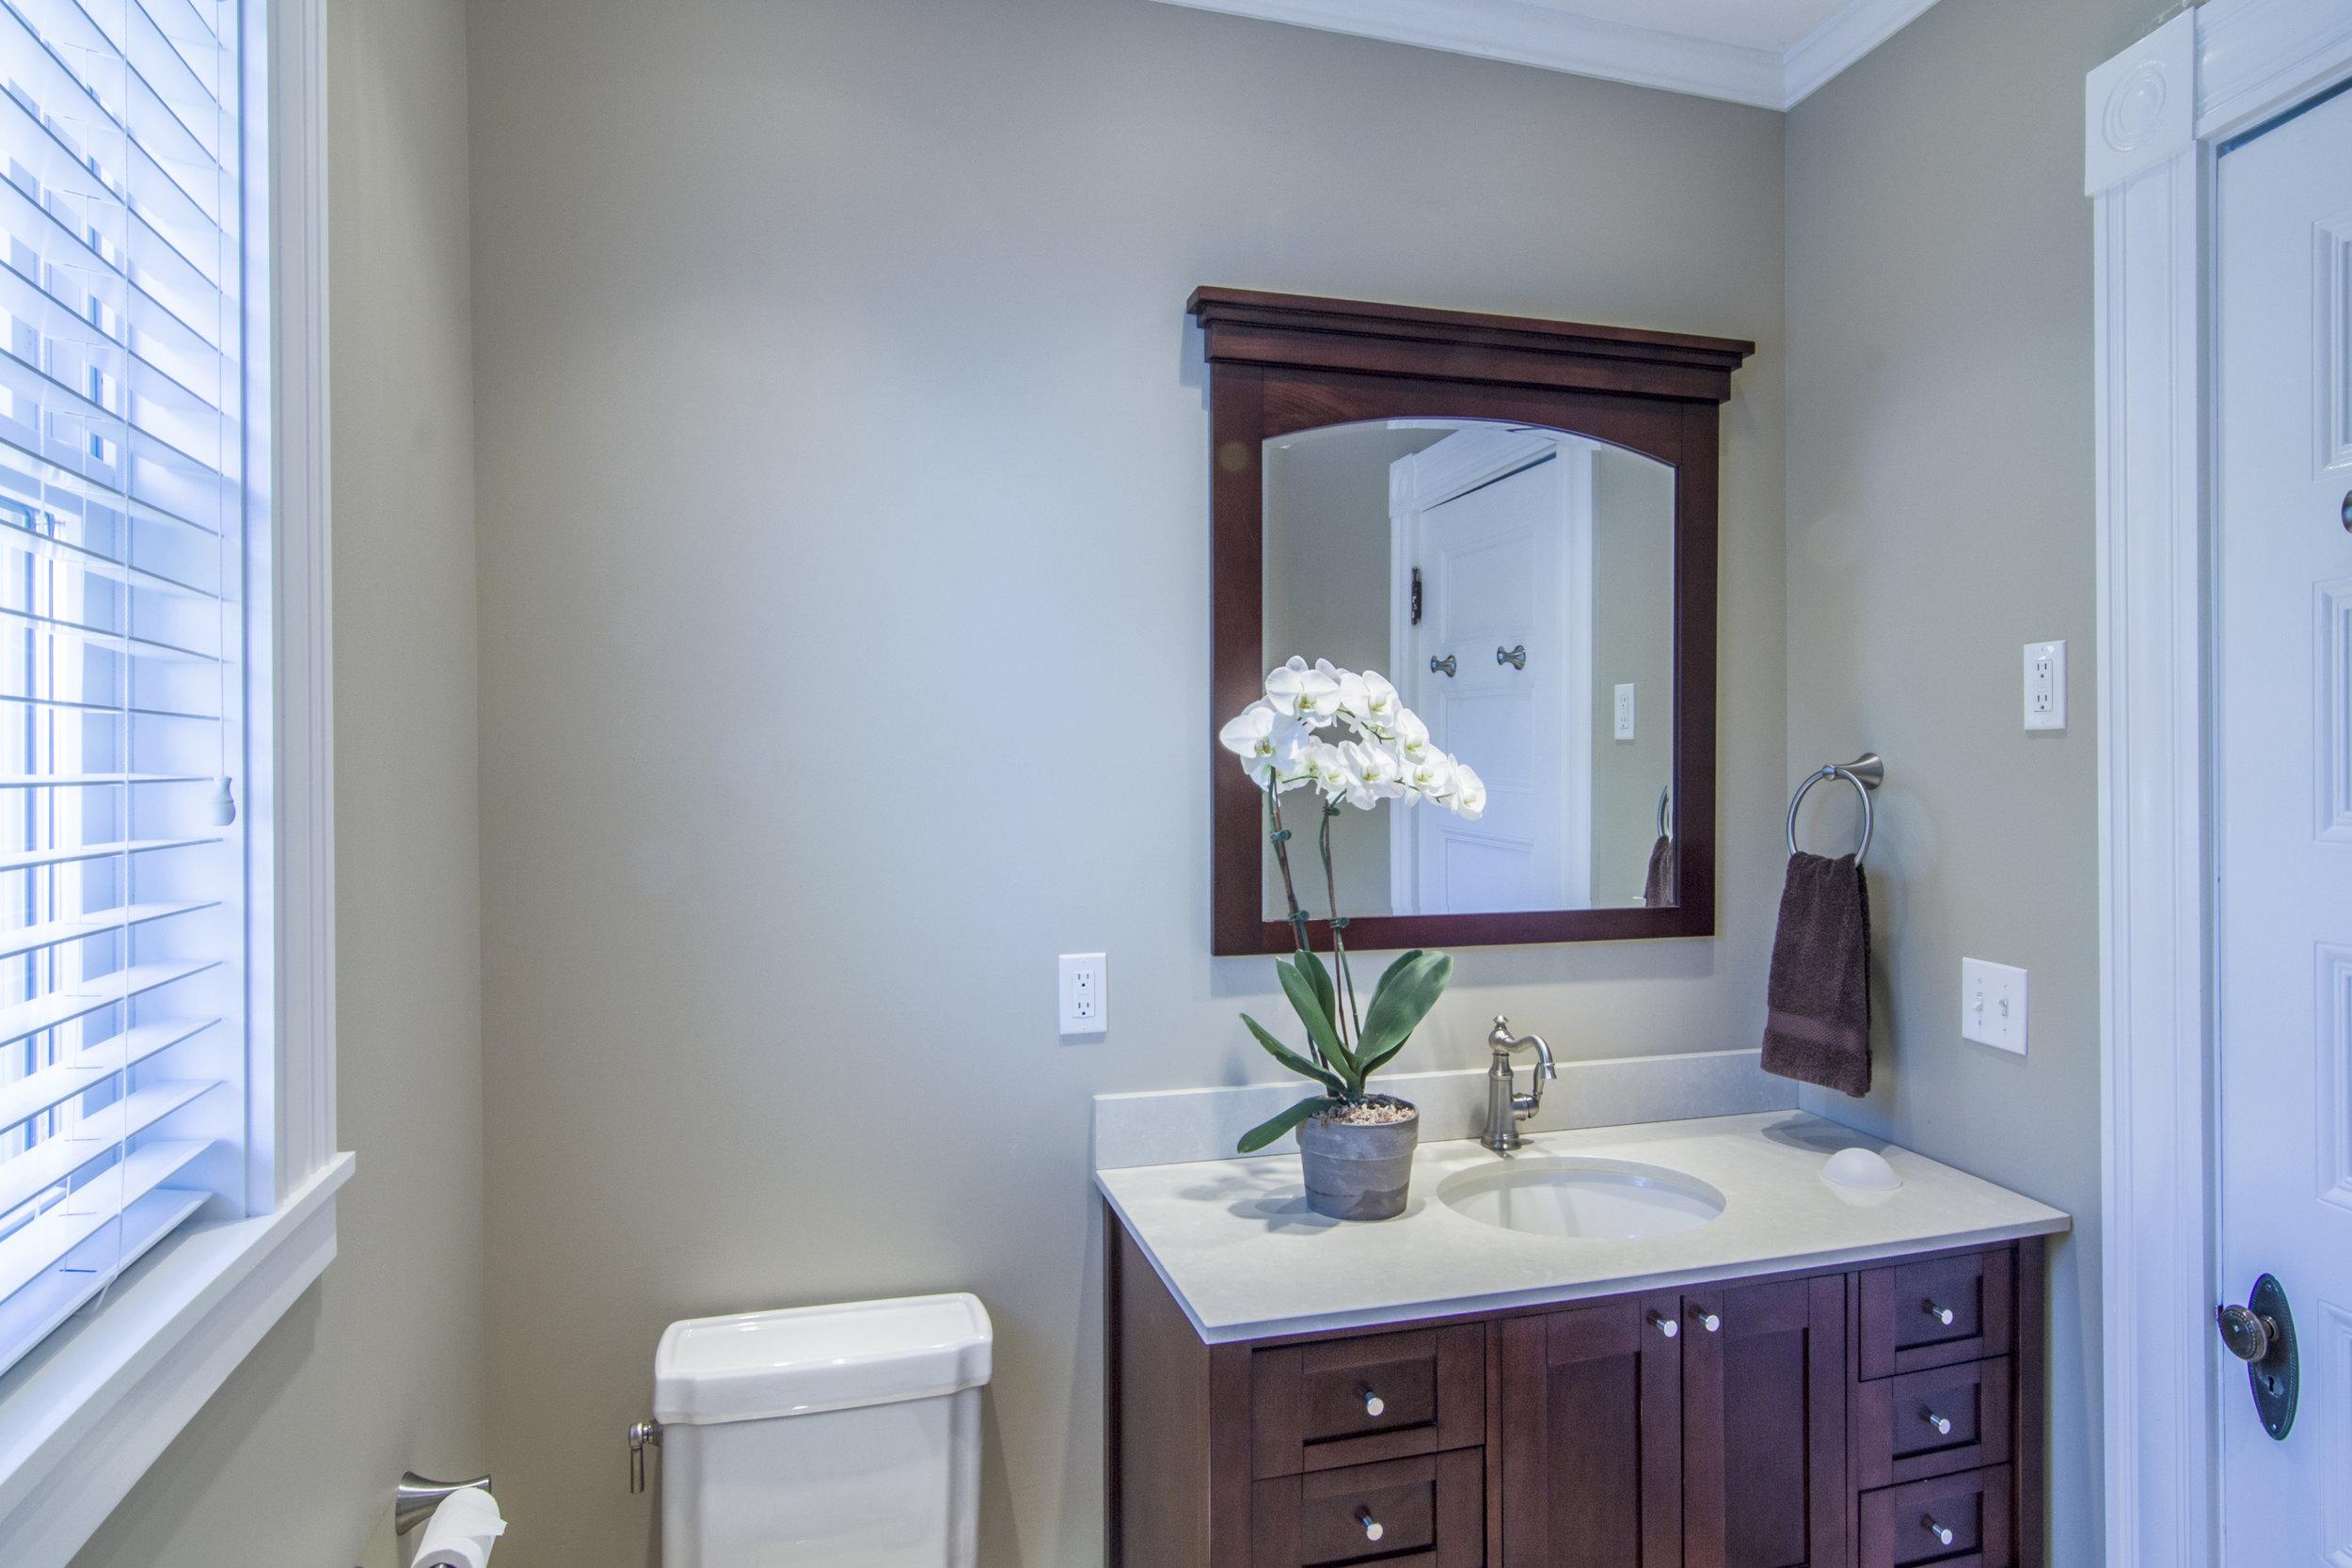 28-2017-06-14 IMG_3855 May Peterson 2nd Floor Bathroom.jpg